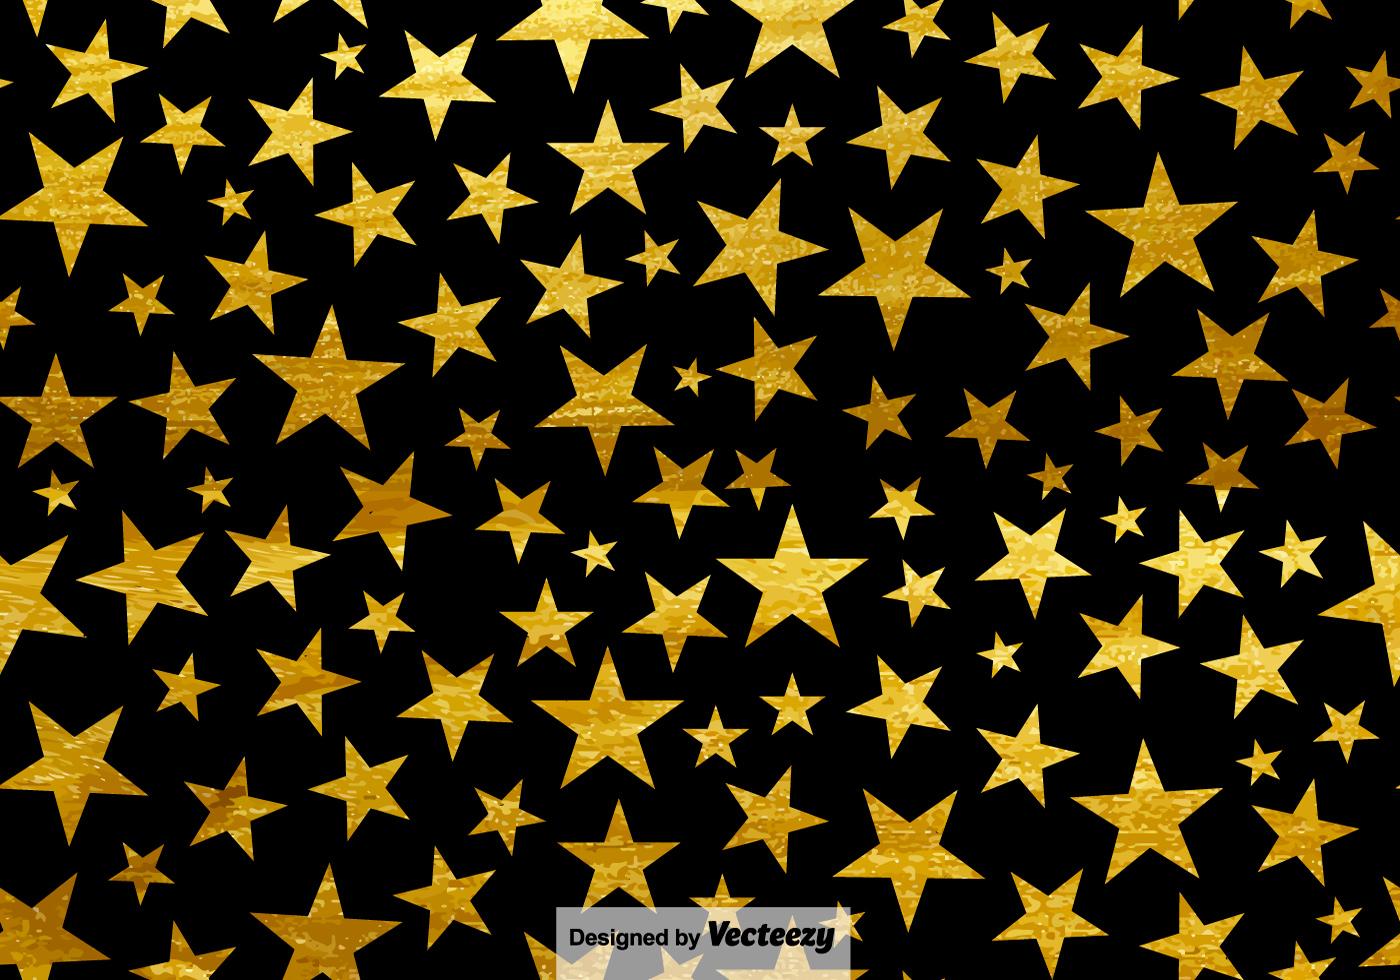 星星圖案 免費下載 | 天天瘋後製